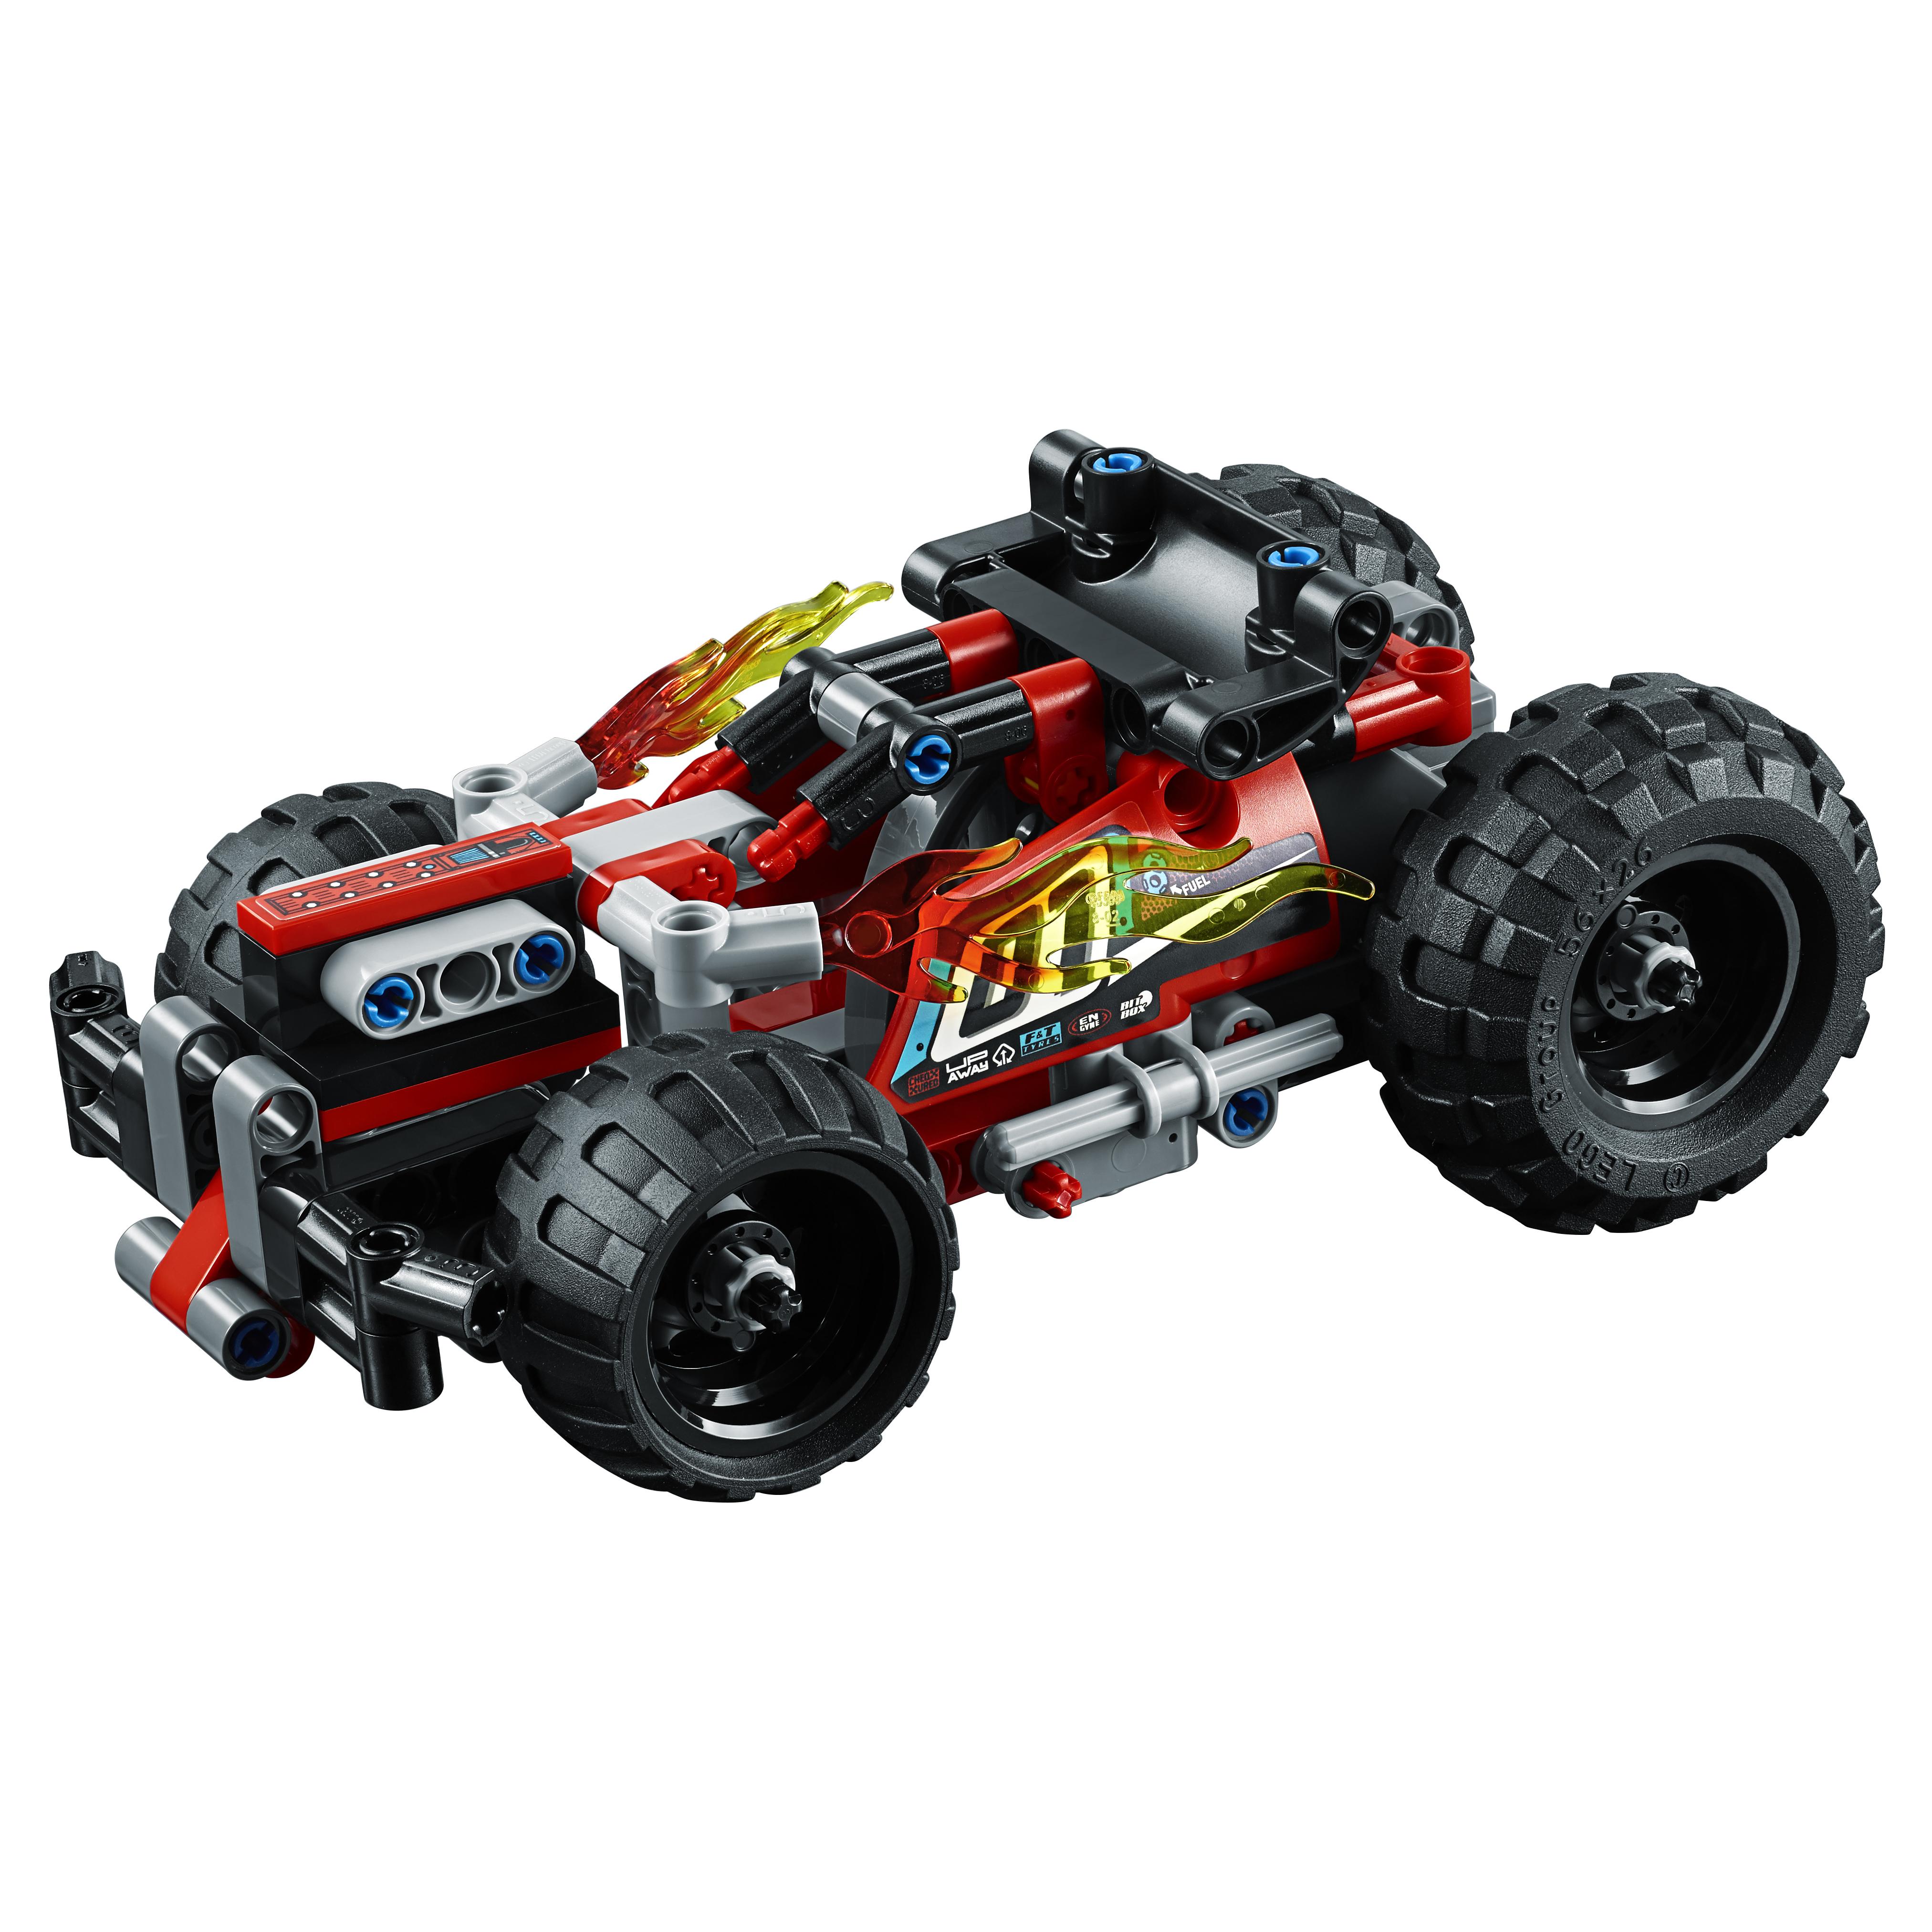 Конструктор LEGO Technic Красный гоночный автомобиль (42073) фото